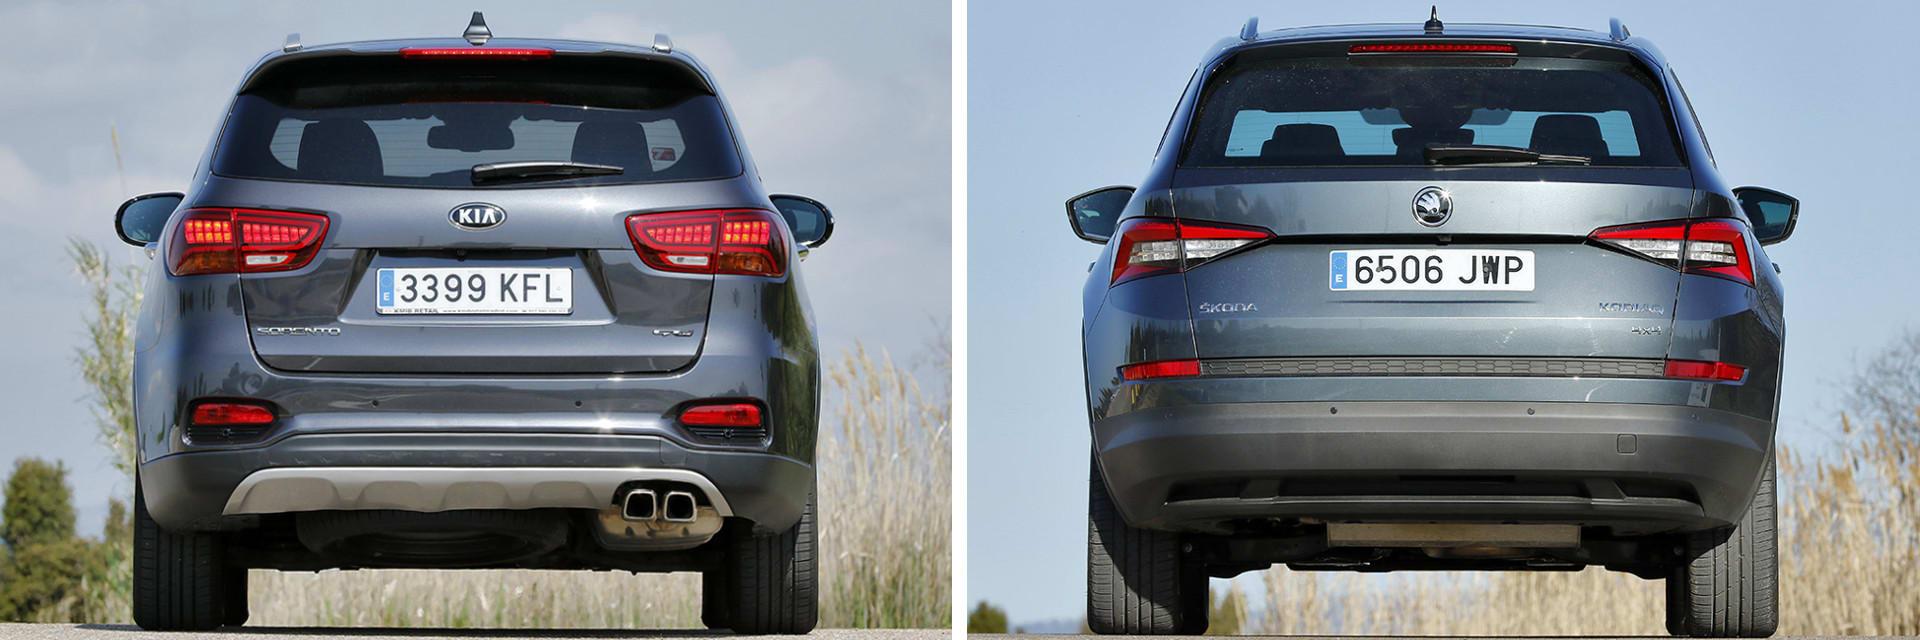 Esta versión del Sorento (izq) está a la venta con un precio de 41 050 euros, mientras que la del Škoda (dcha) cuesta 40 356 euros.